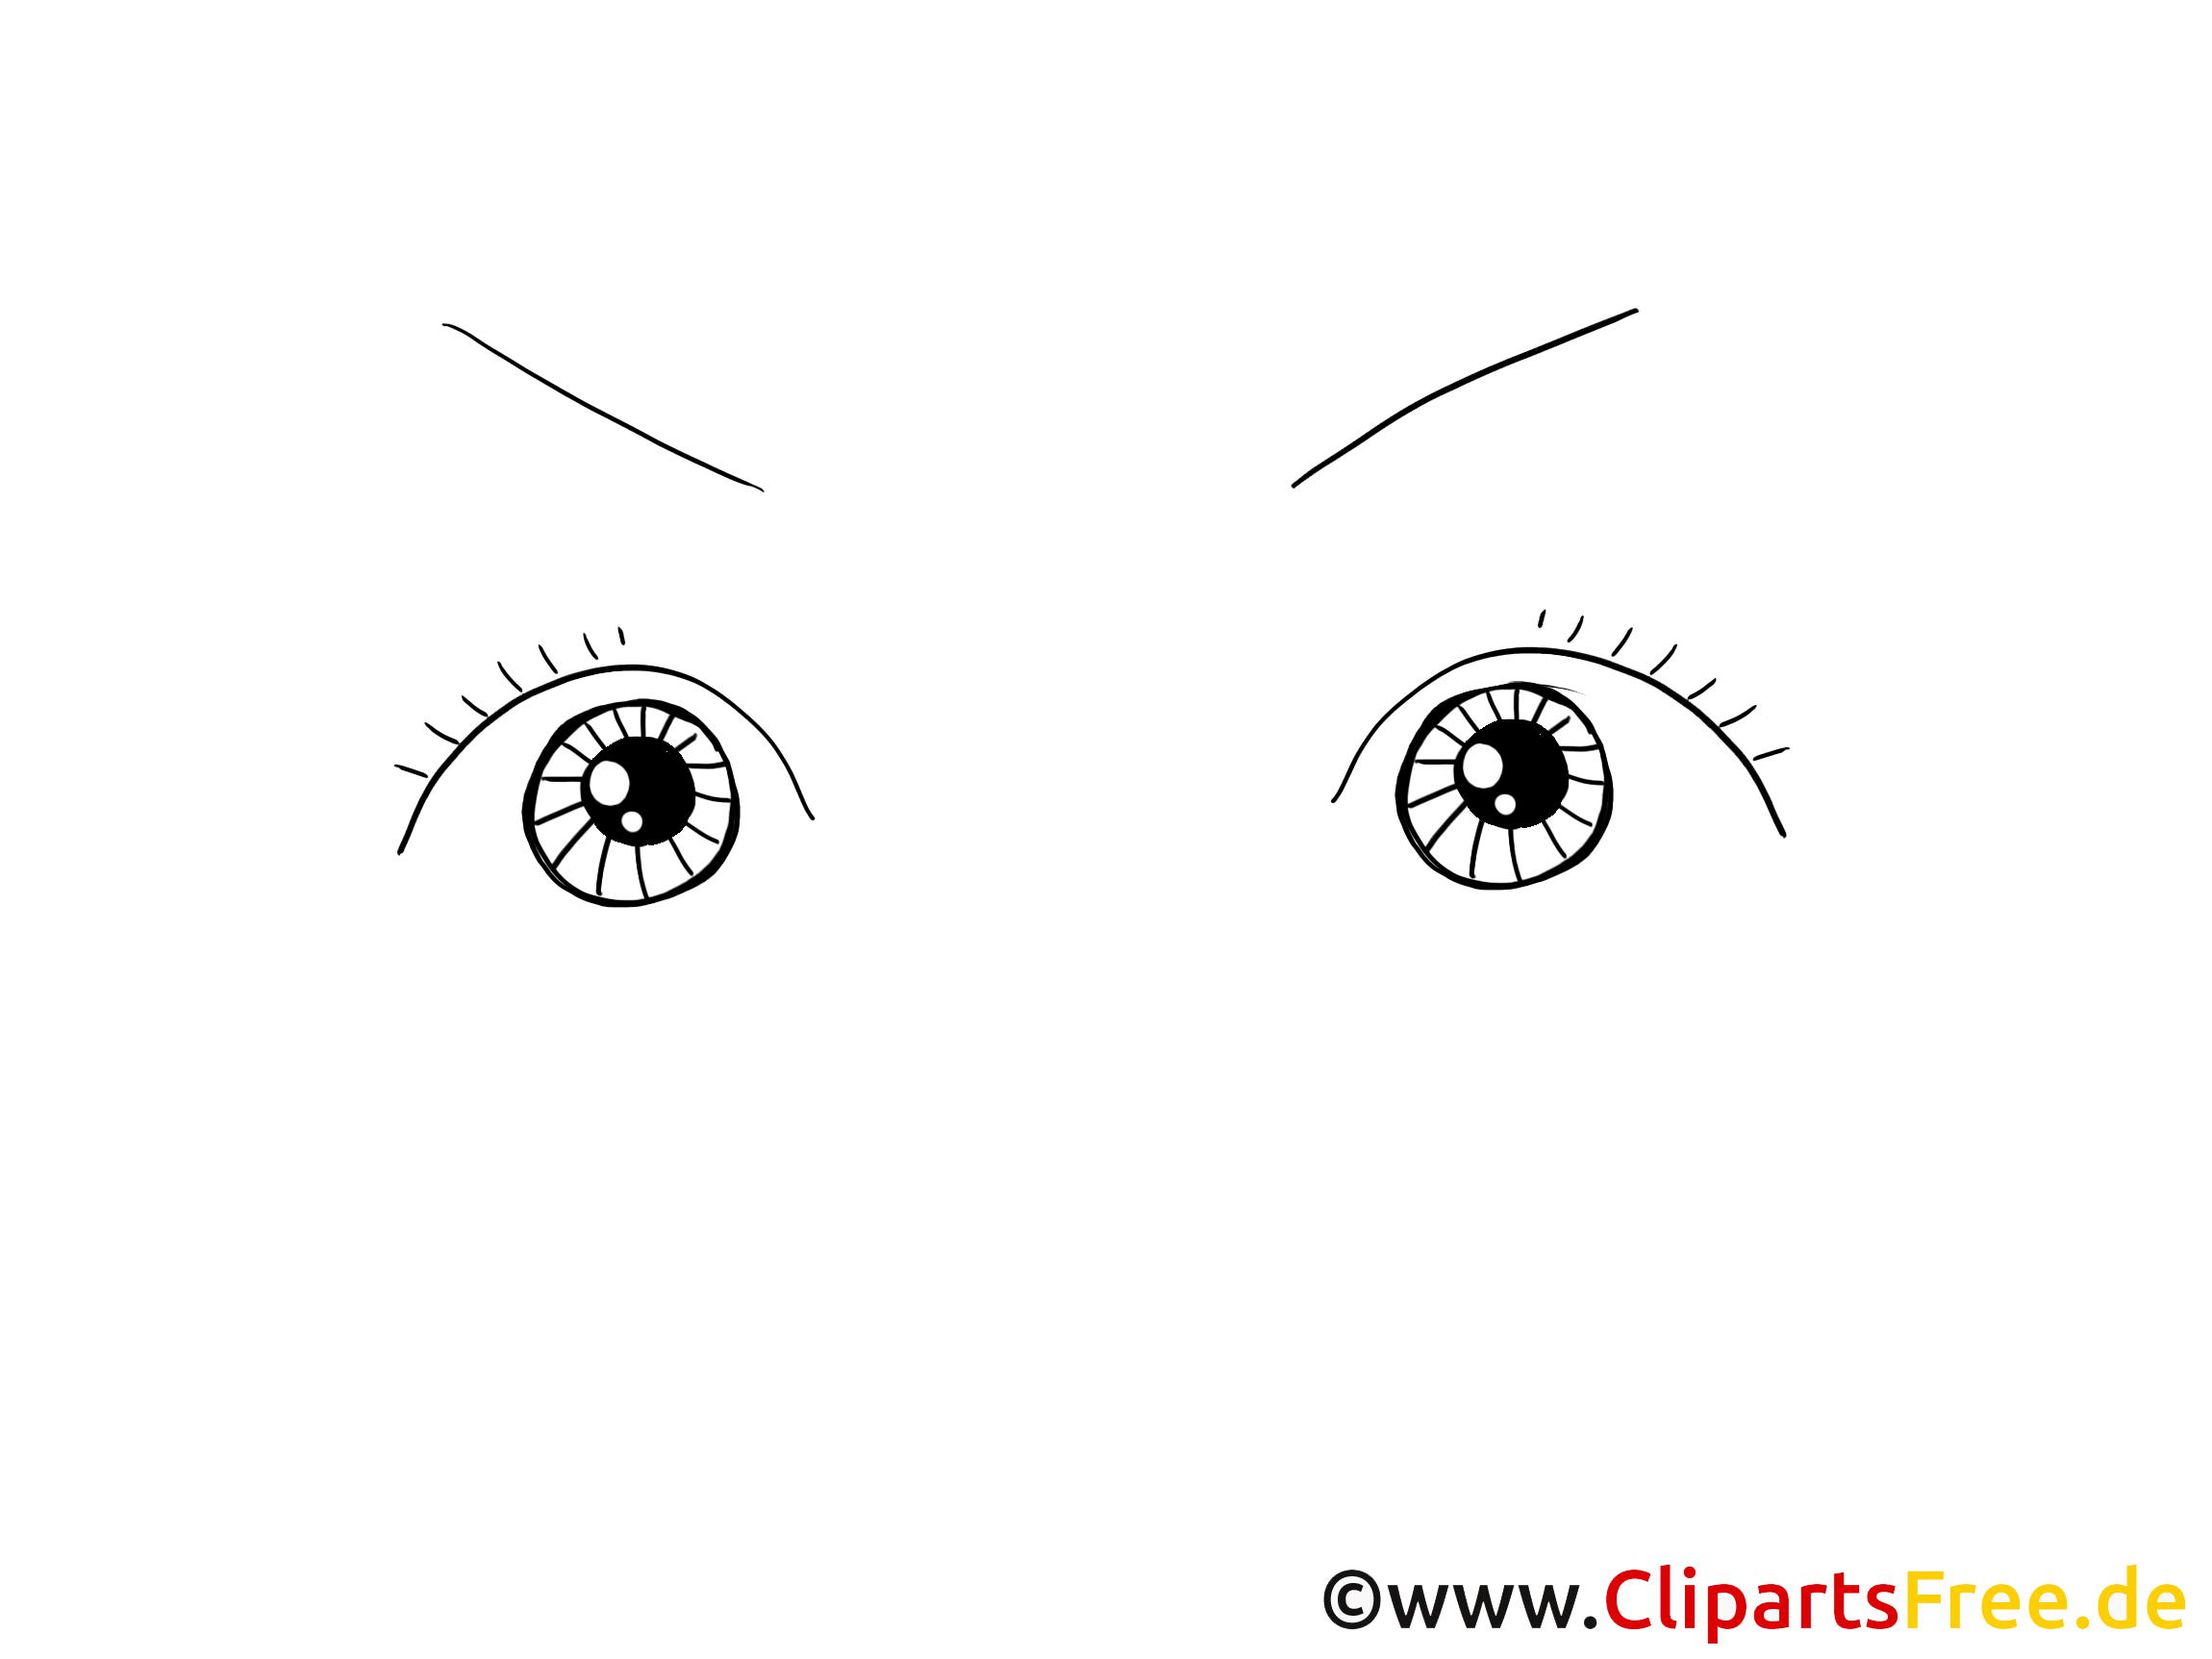 Clip art gratuit yeux – Dessin images